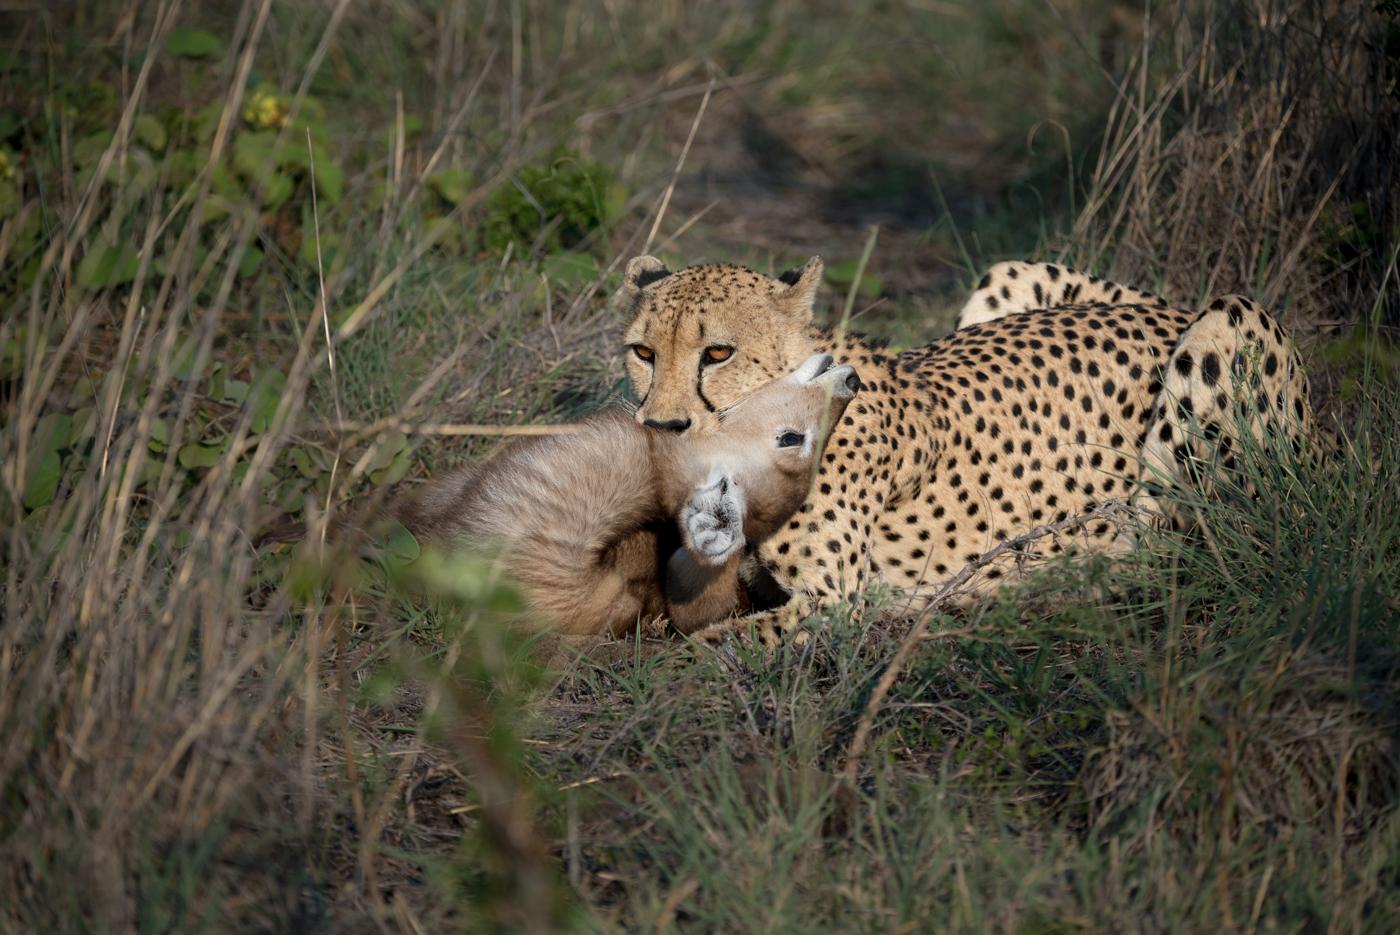 Cheetah and a week old waterbuck